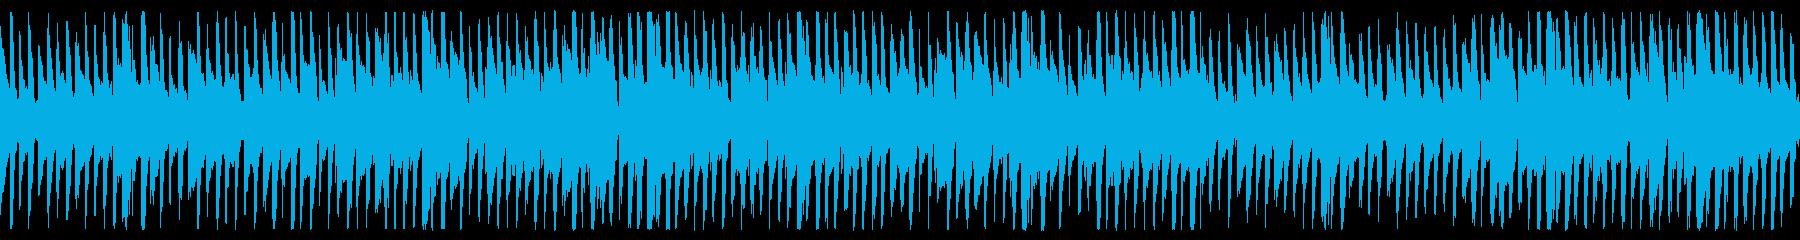 【リズム抜き】明るく爽やかなPR動画用Bの再生済みの波形